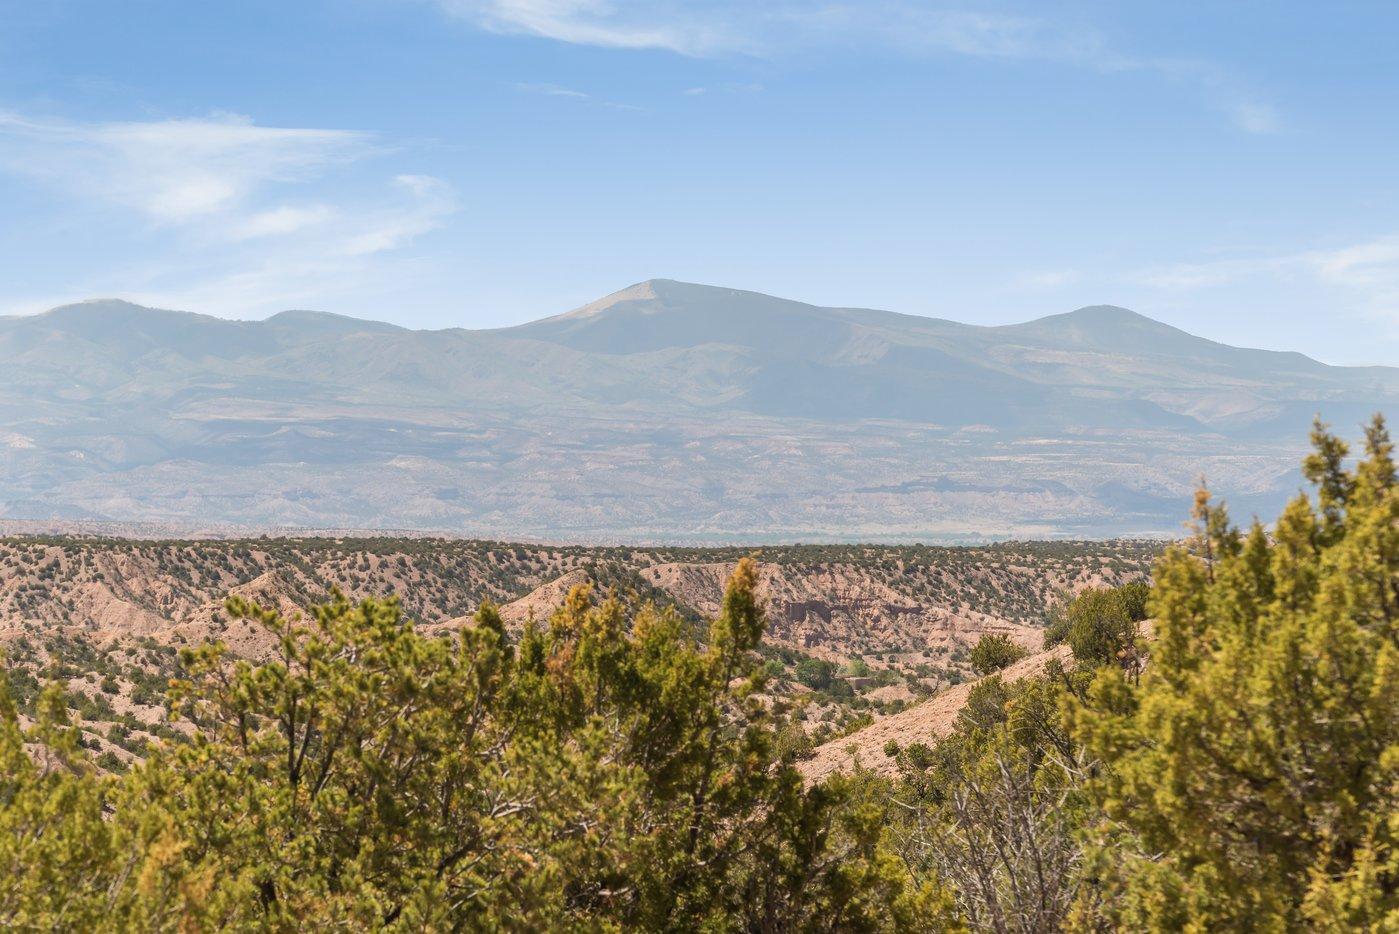 Paseo Encantado Ne Santa Fe Nm 87506 Mls 201802243